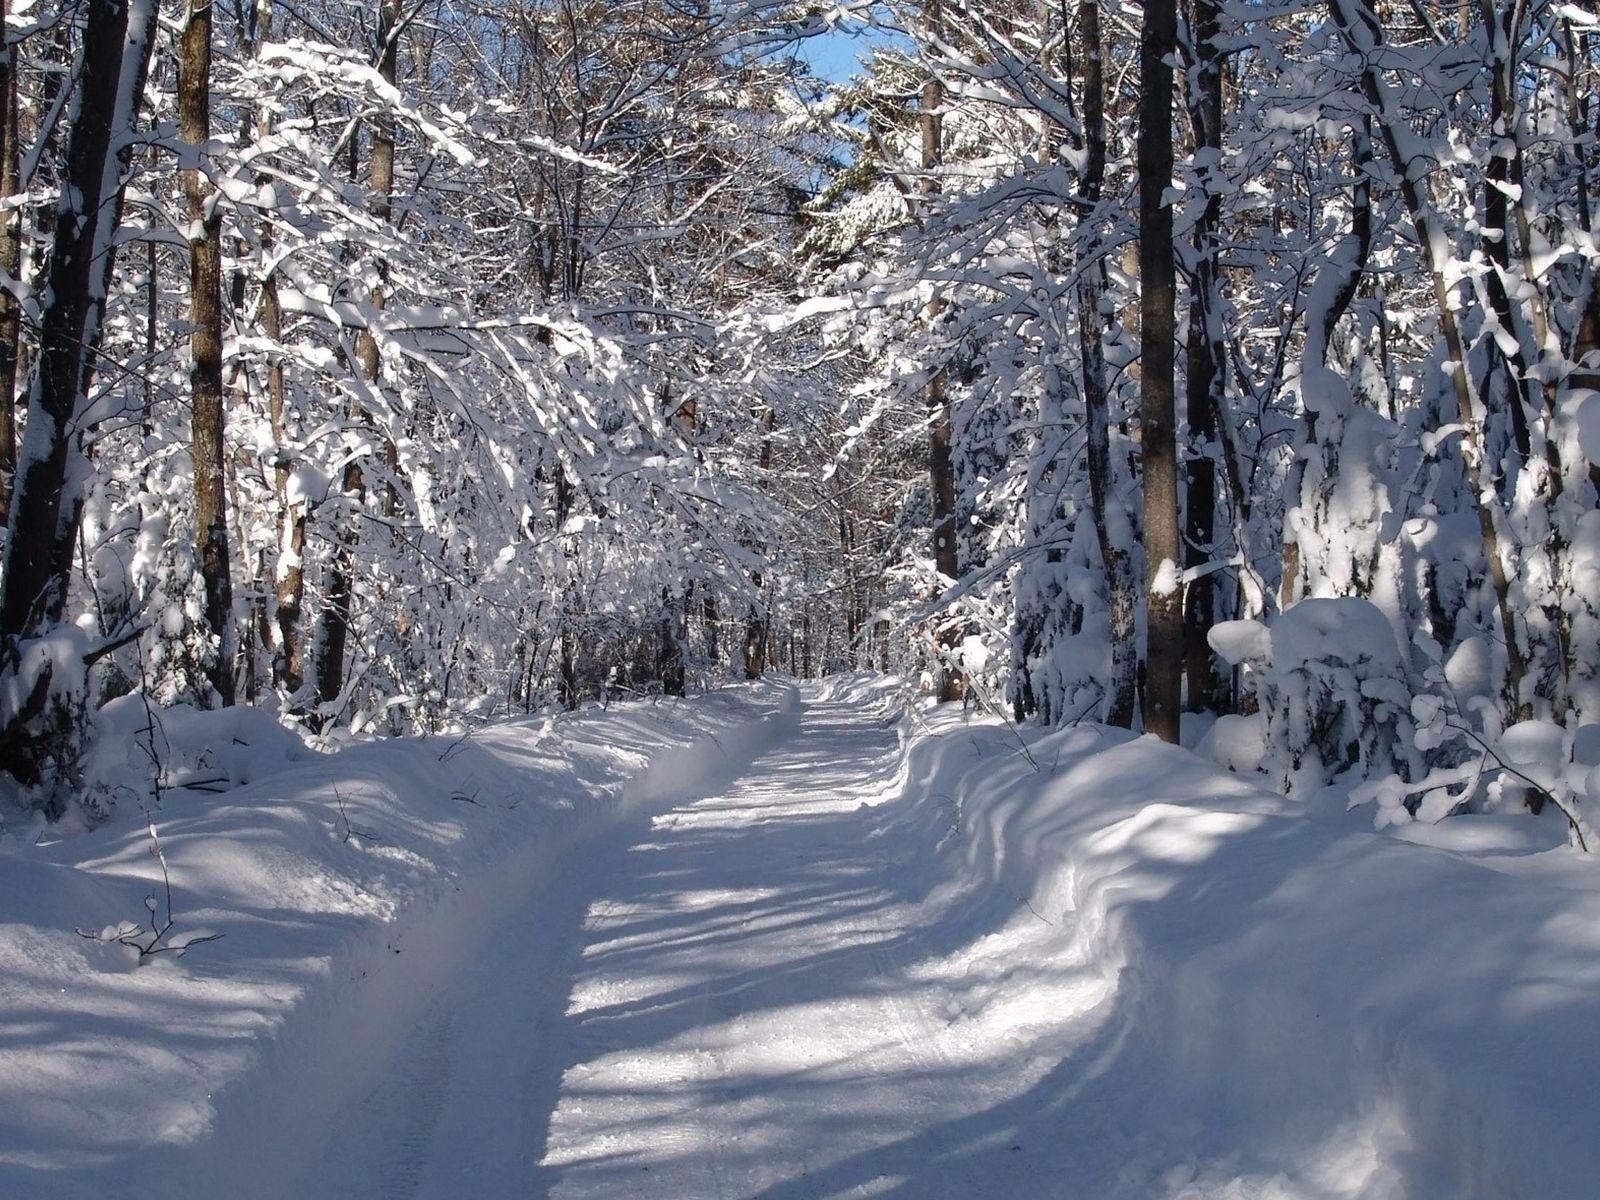 Зимний лес 1600 x 1200